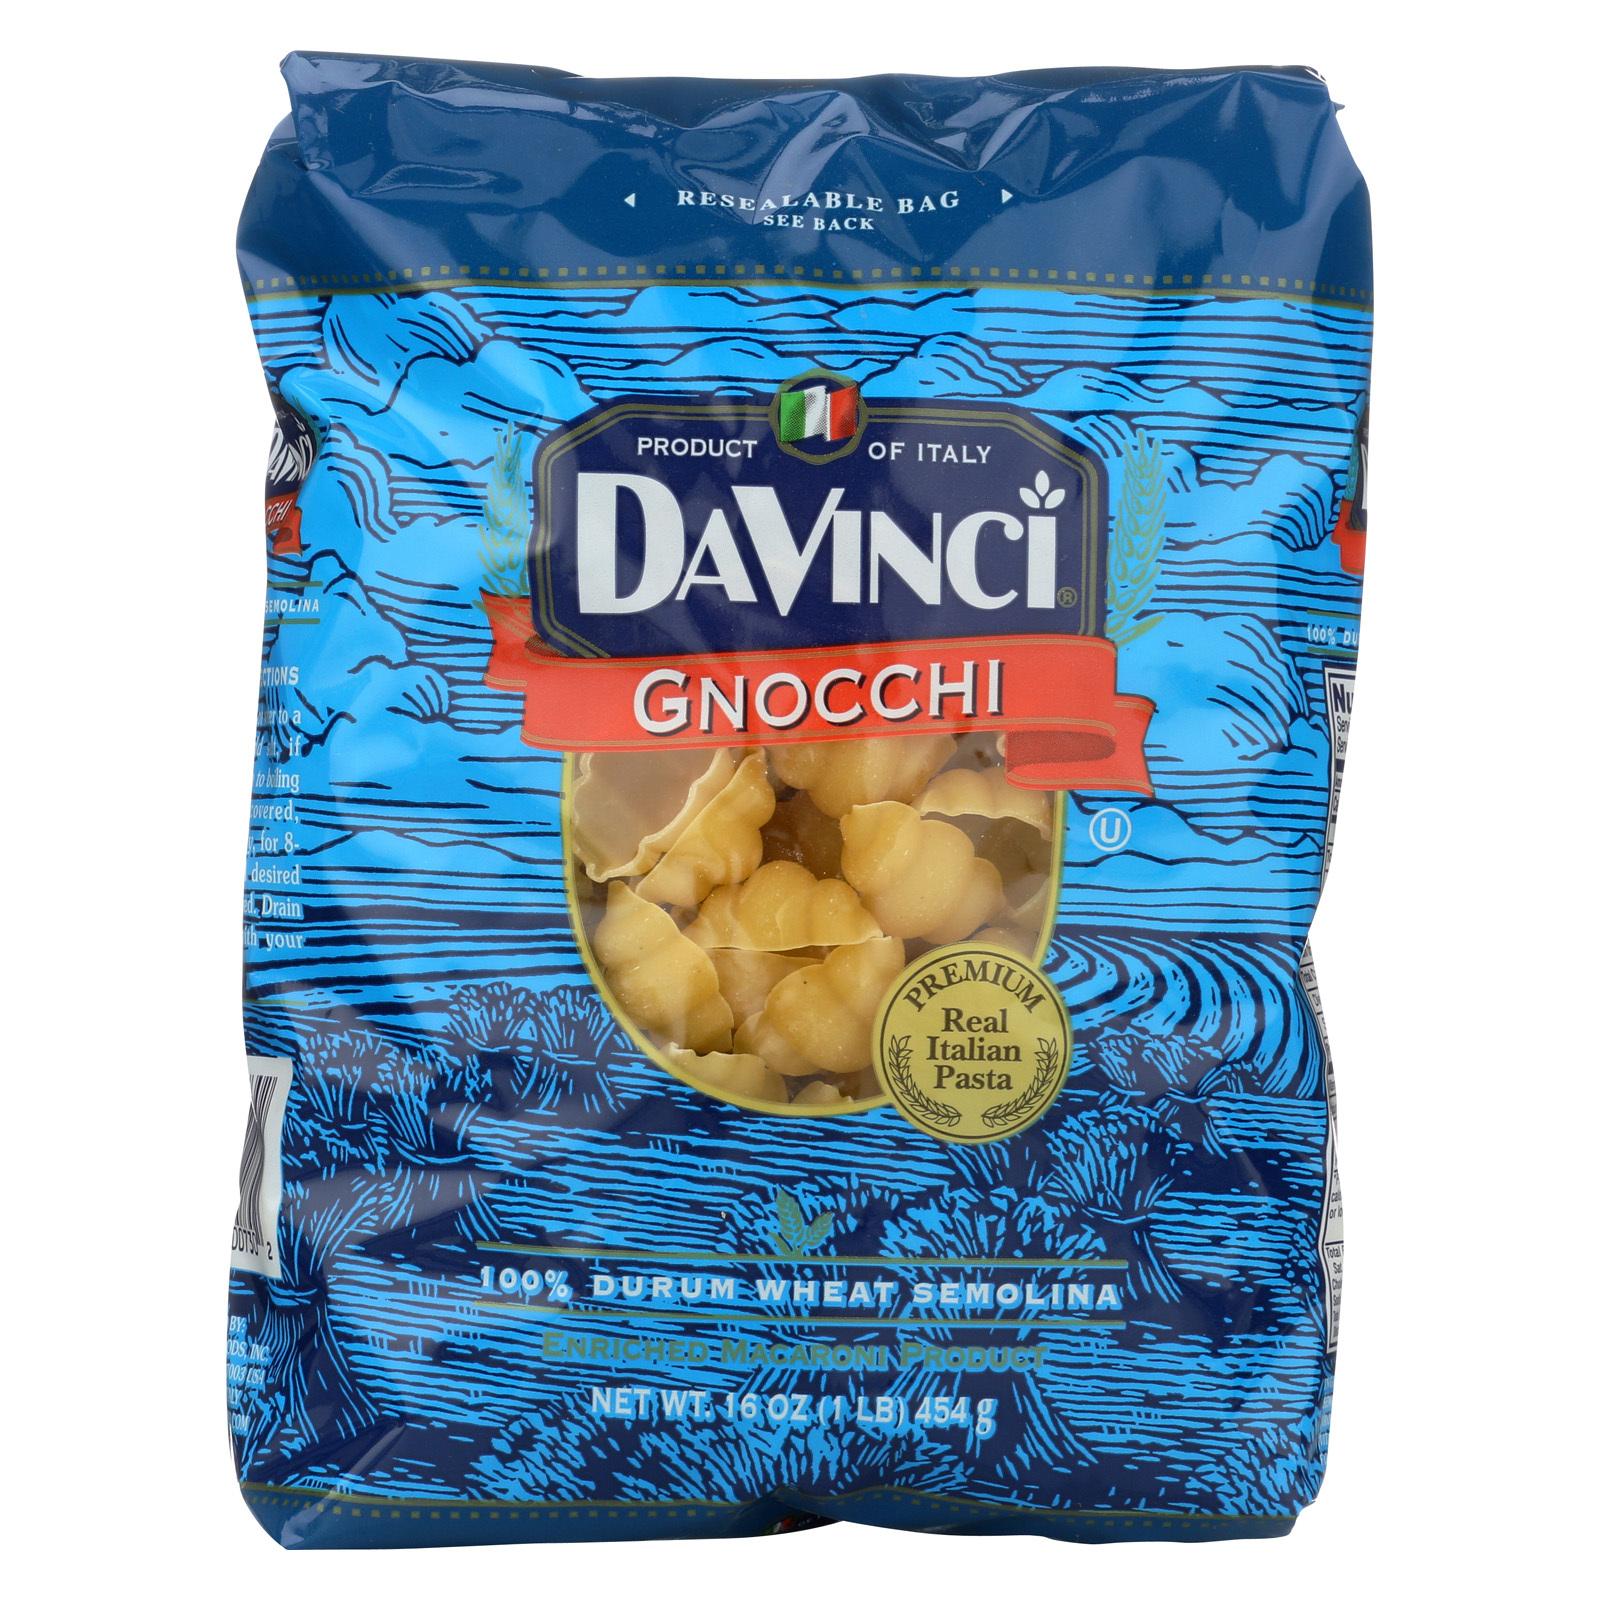 DaVinci Gnocchi Pasta - Case of 12 - 1 lb.